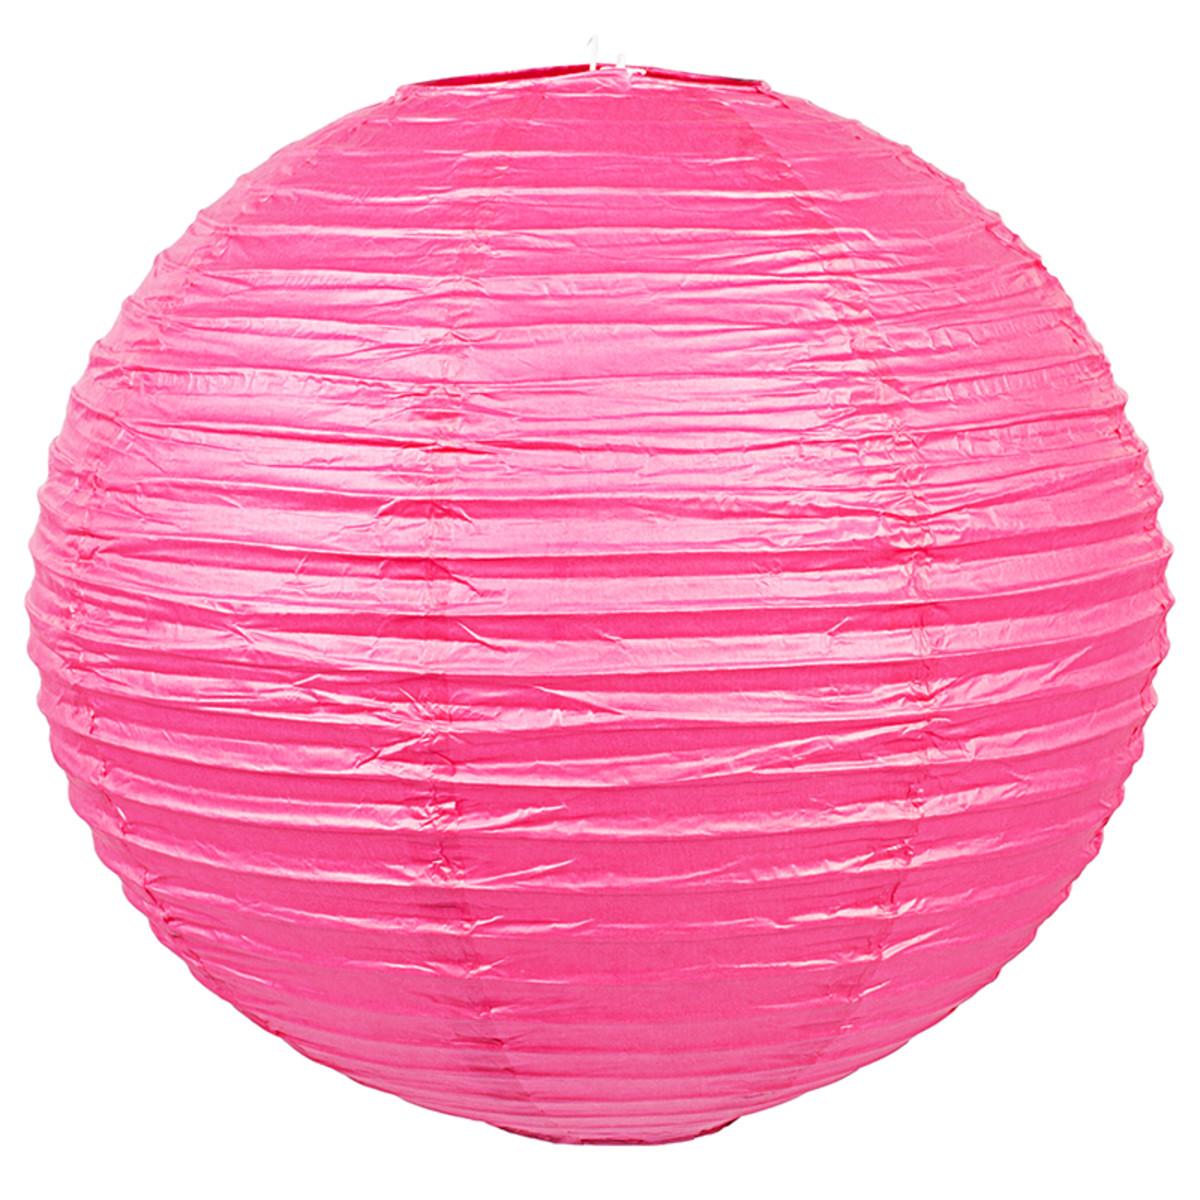 Абажур Baoji 40 см бумага цвет розовый металлик